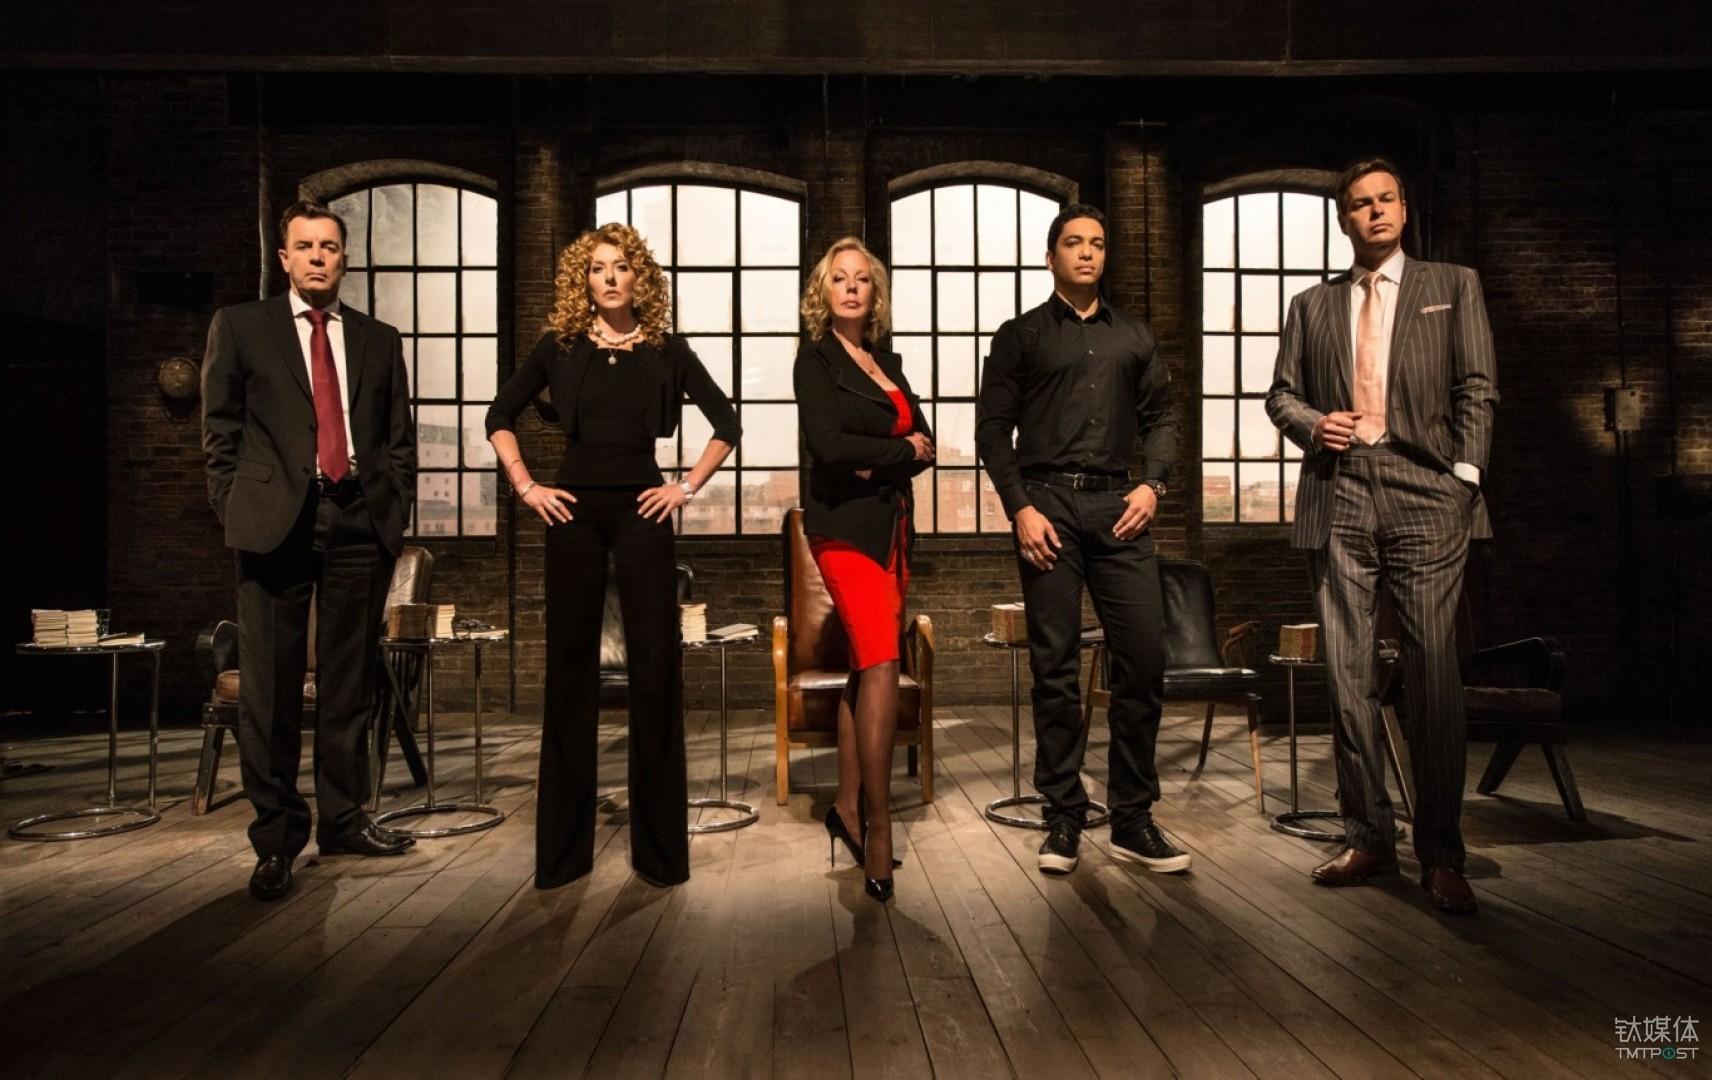 凯莉·赫本在 BBC 节目《龙穴》中担任颇为,左起第二位即是赫本